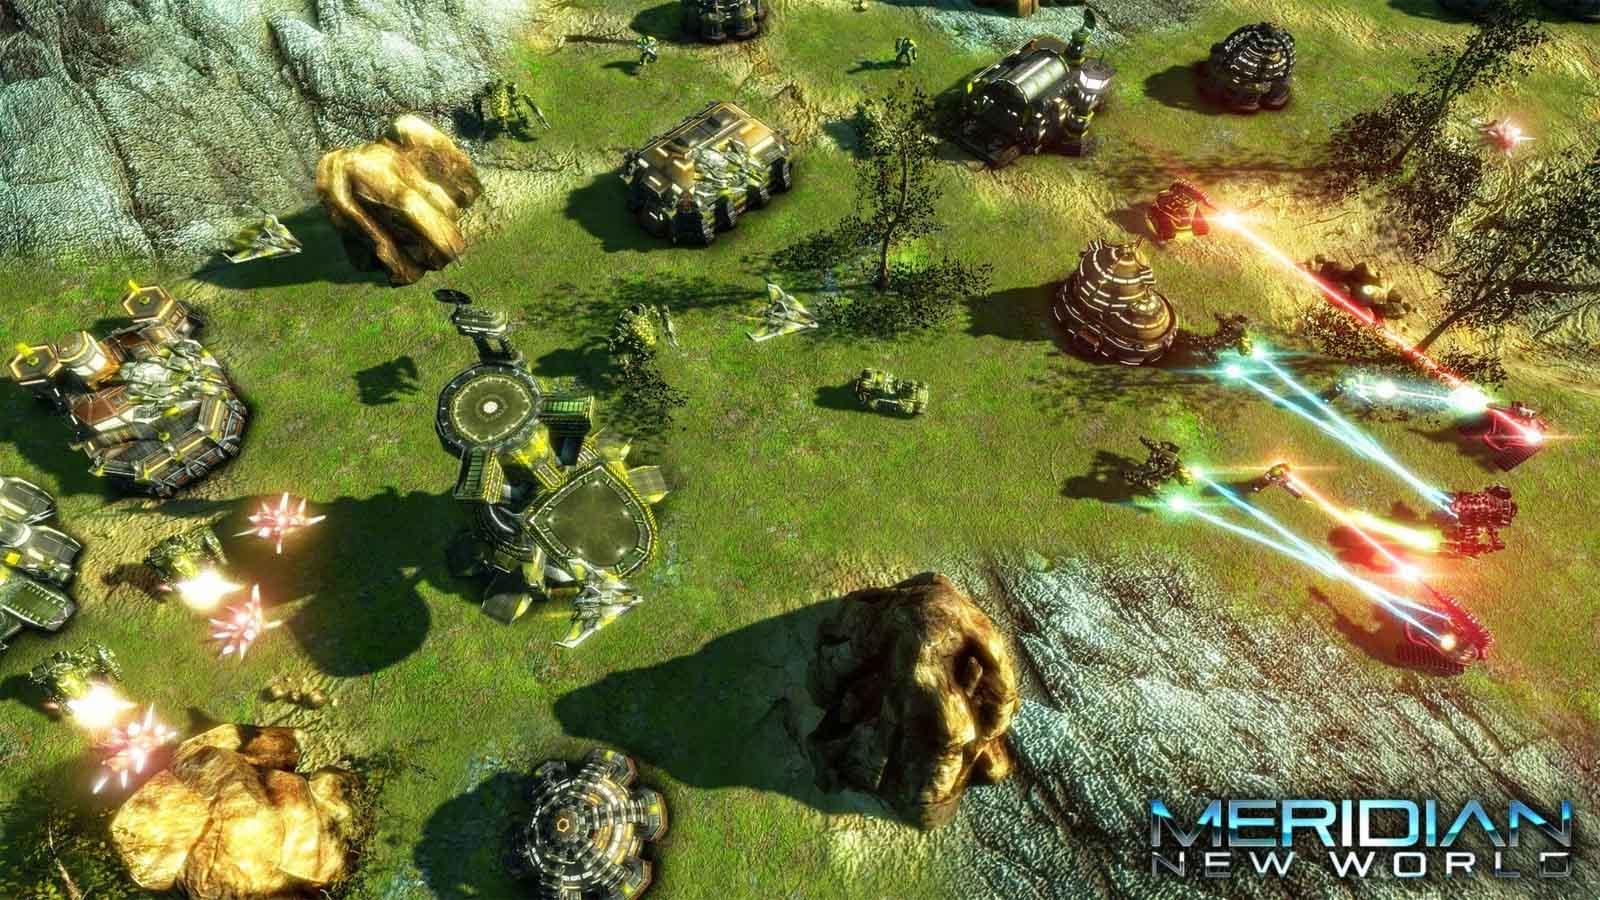 تحميل لعبة Meridian New World مضغوطة برابط واحد مباشر كاملة مجانا